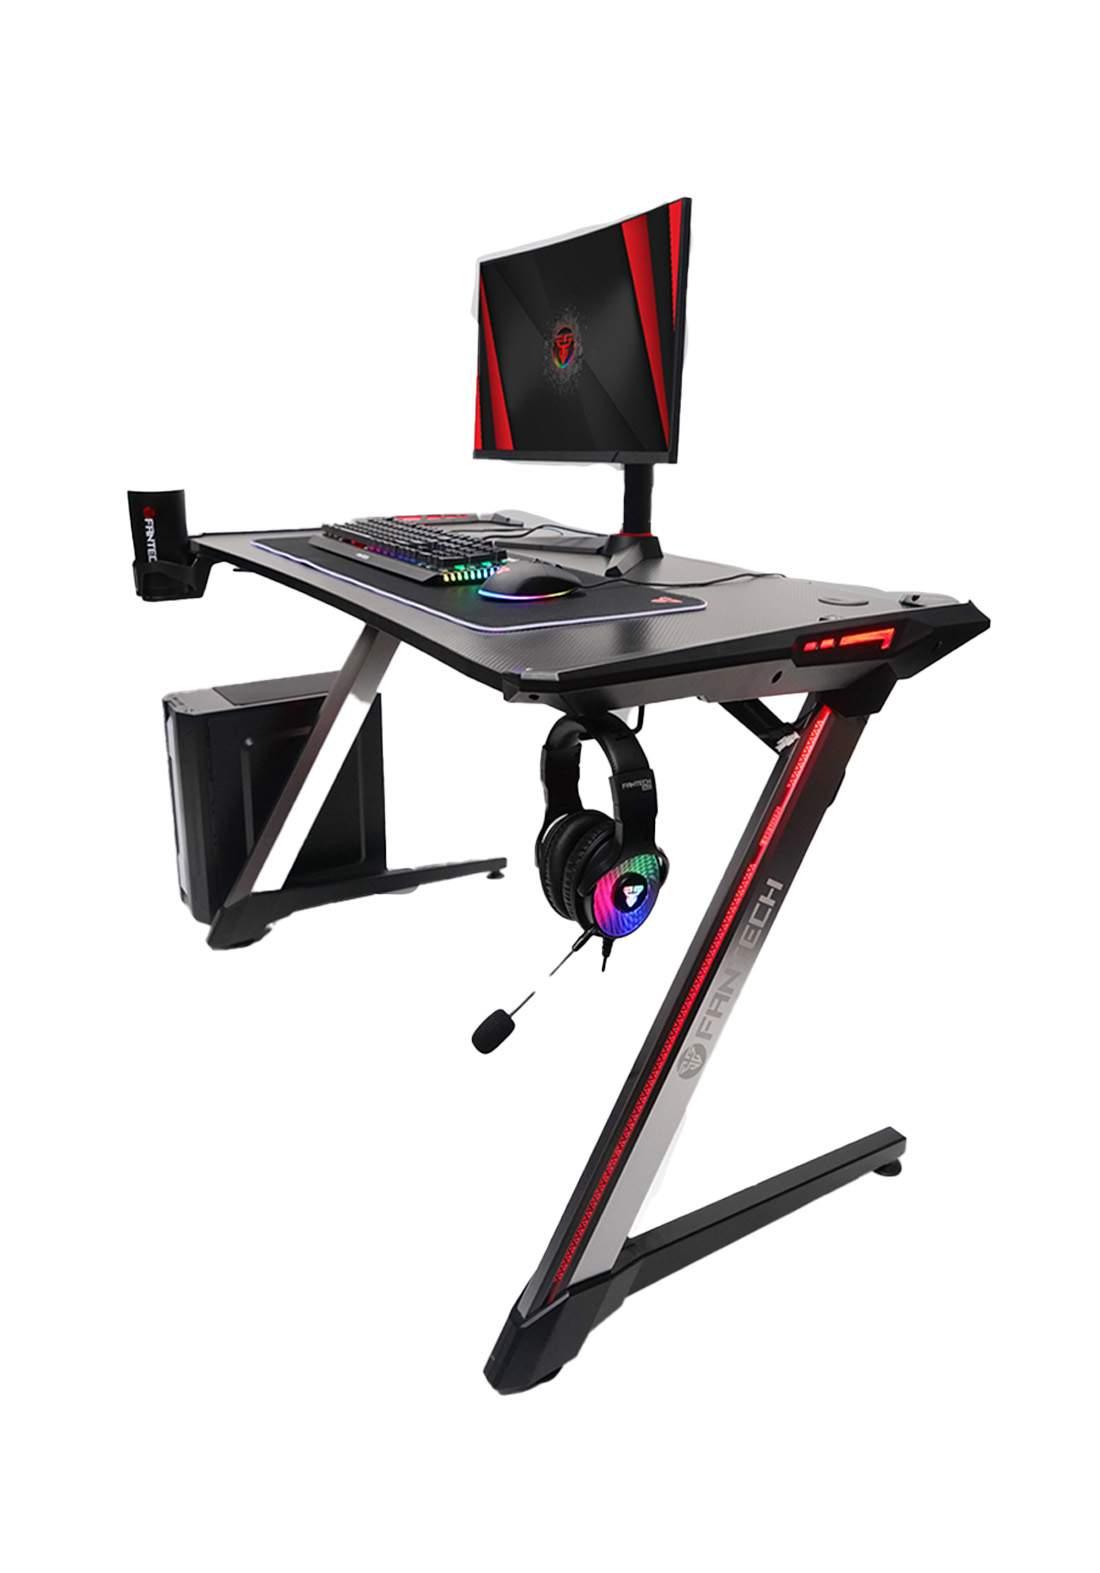 Fantech Beta GD-600 RGB Gaming Desk - Black  منضدة لابتوب